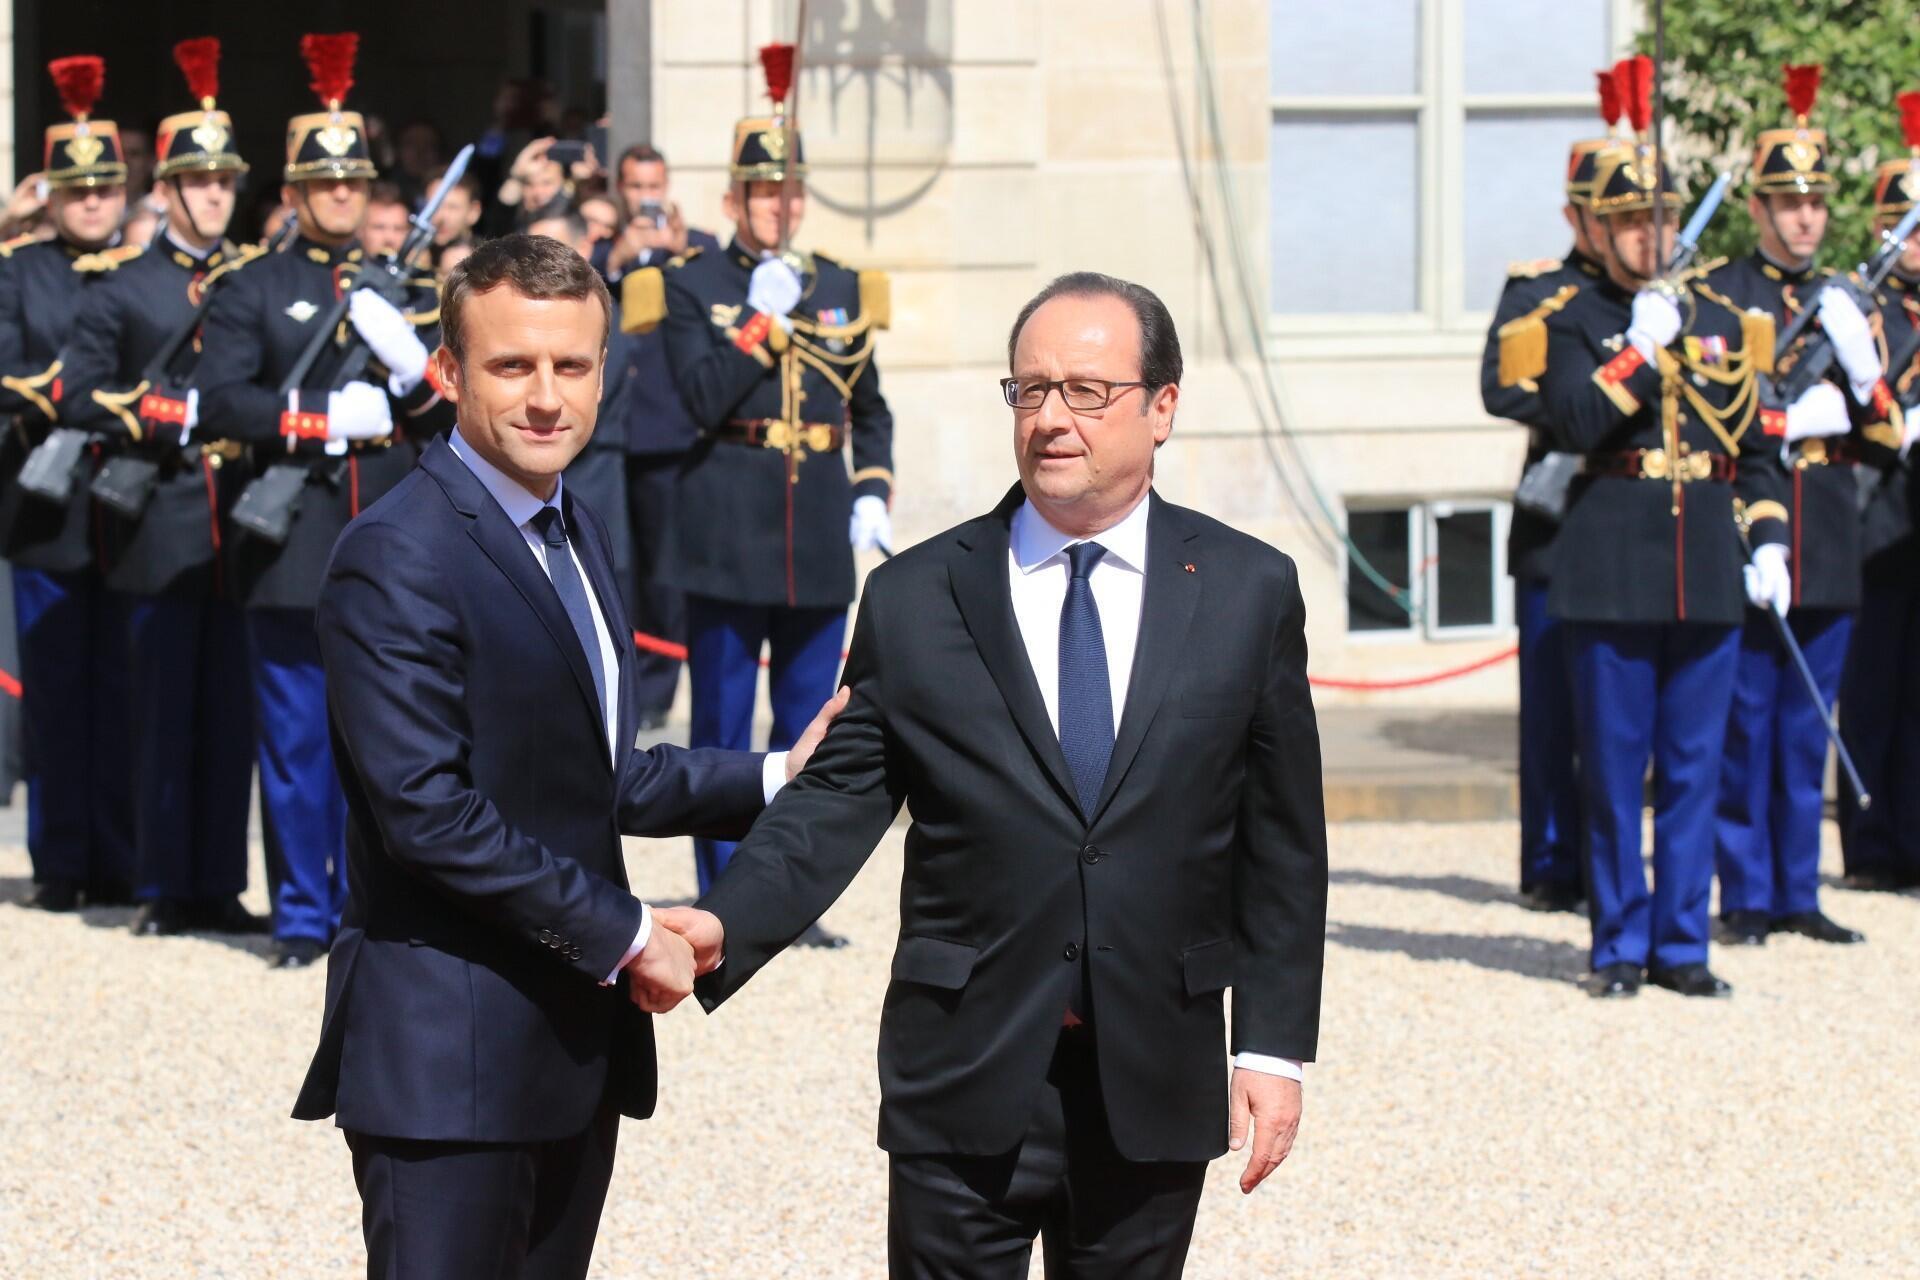 Франсуа Олланд и Эмманюэль Макрон в Елисейском дворце в день передачи президентских полномочий 14 мая 2017